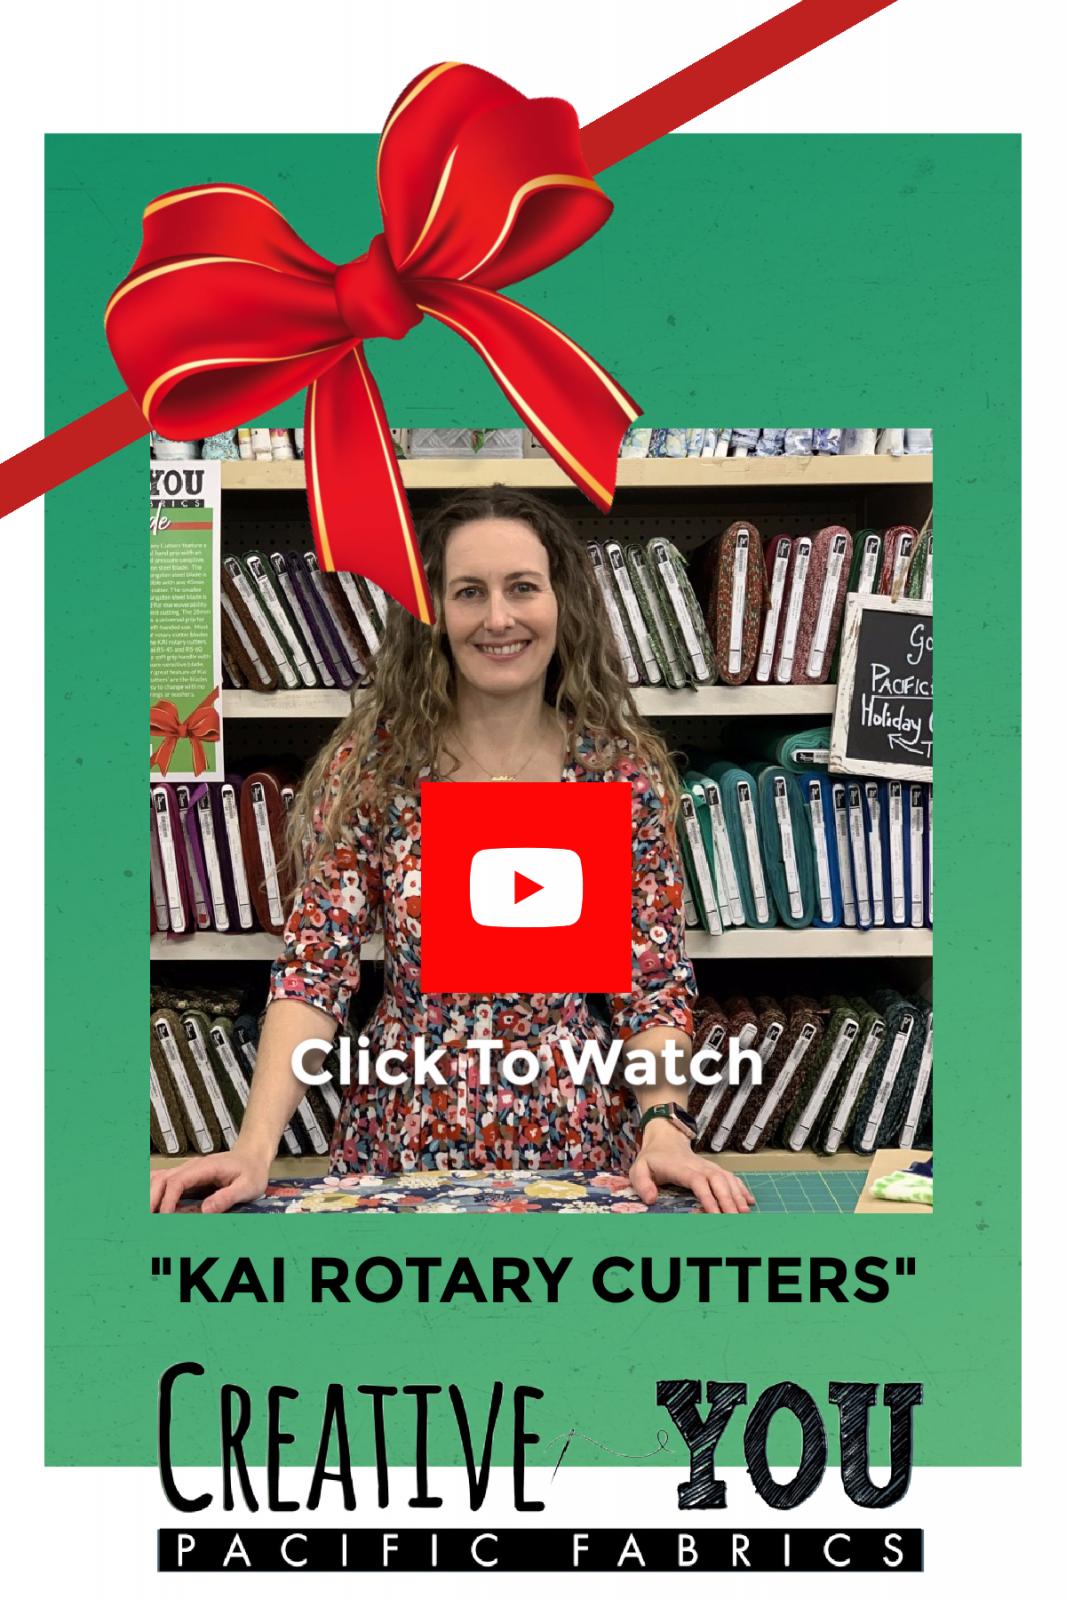 CYou-Kai Rotary Cutter Video